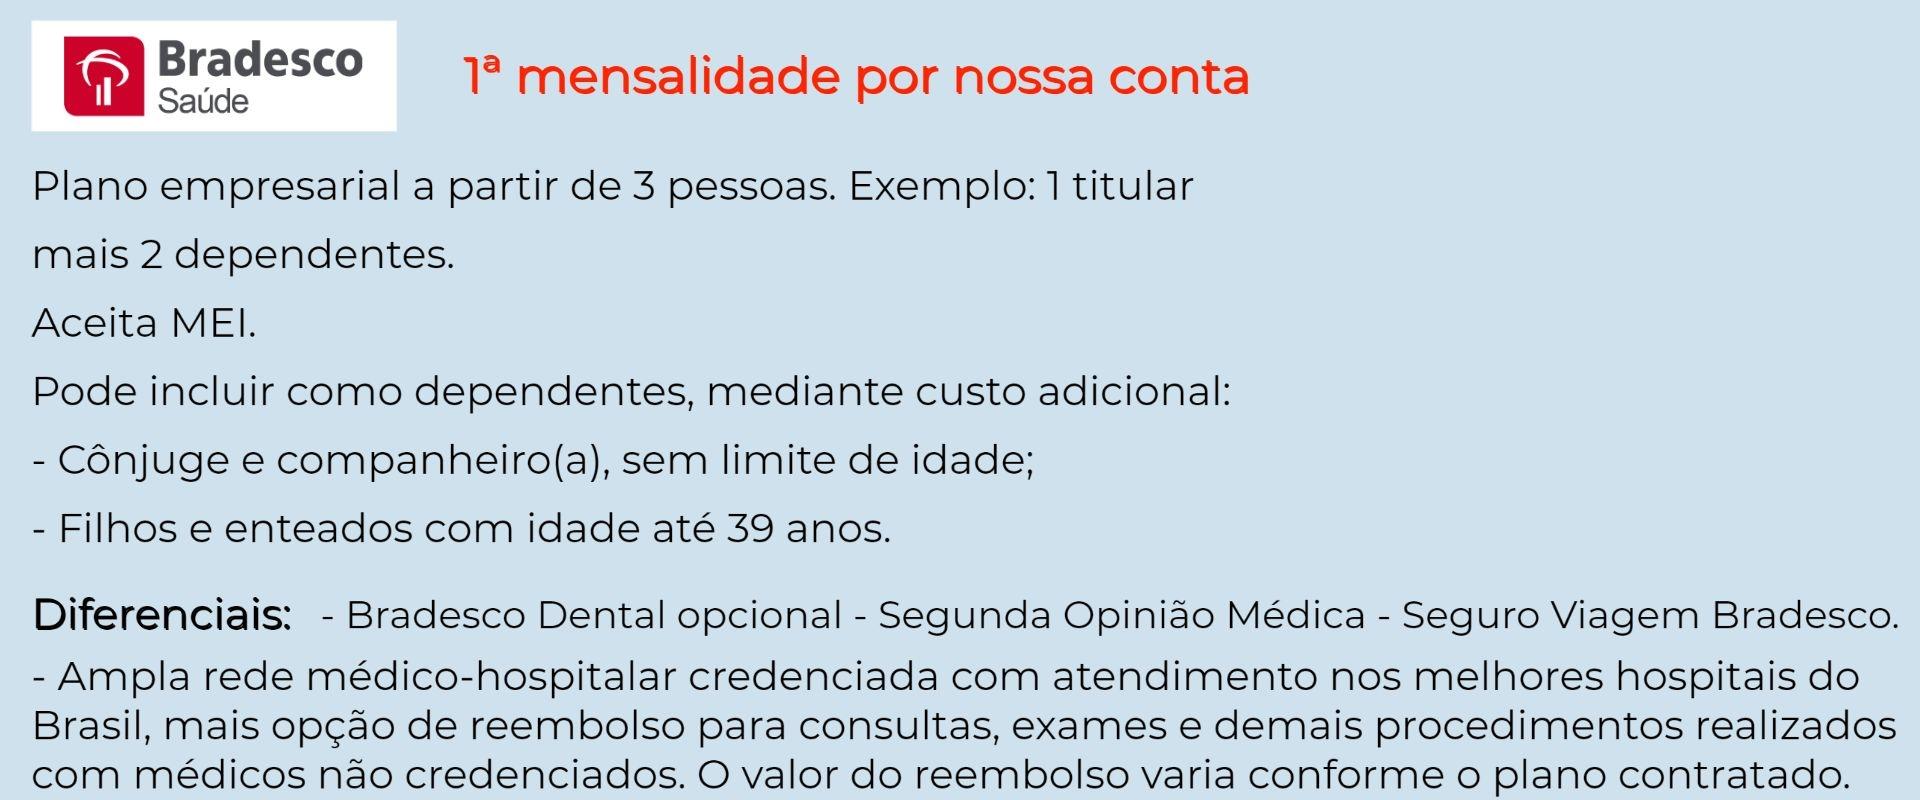 Bradesco Saúde Empresarial – Ouro Fino